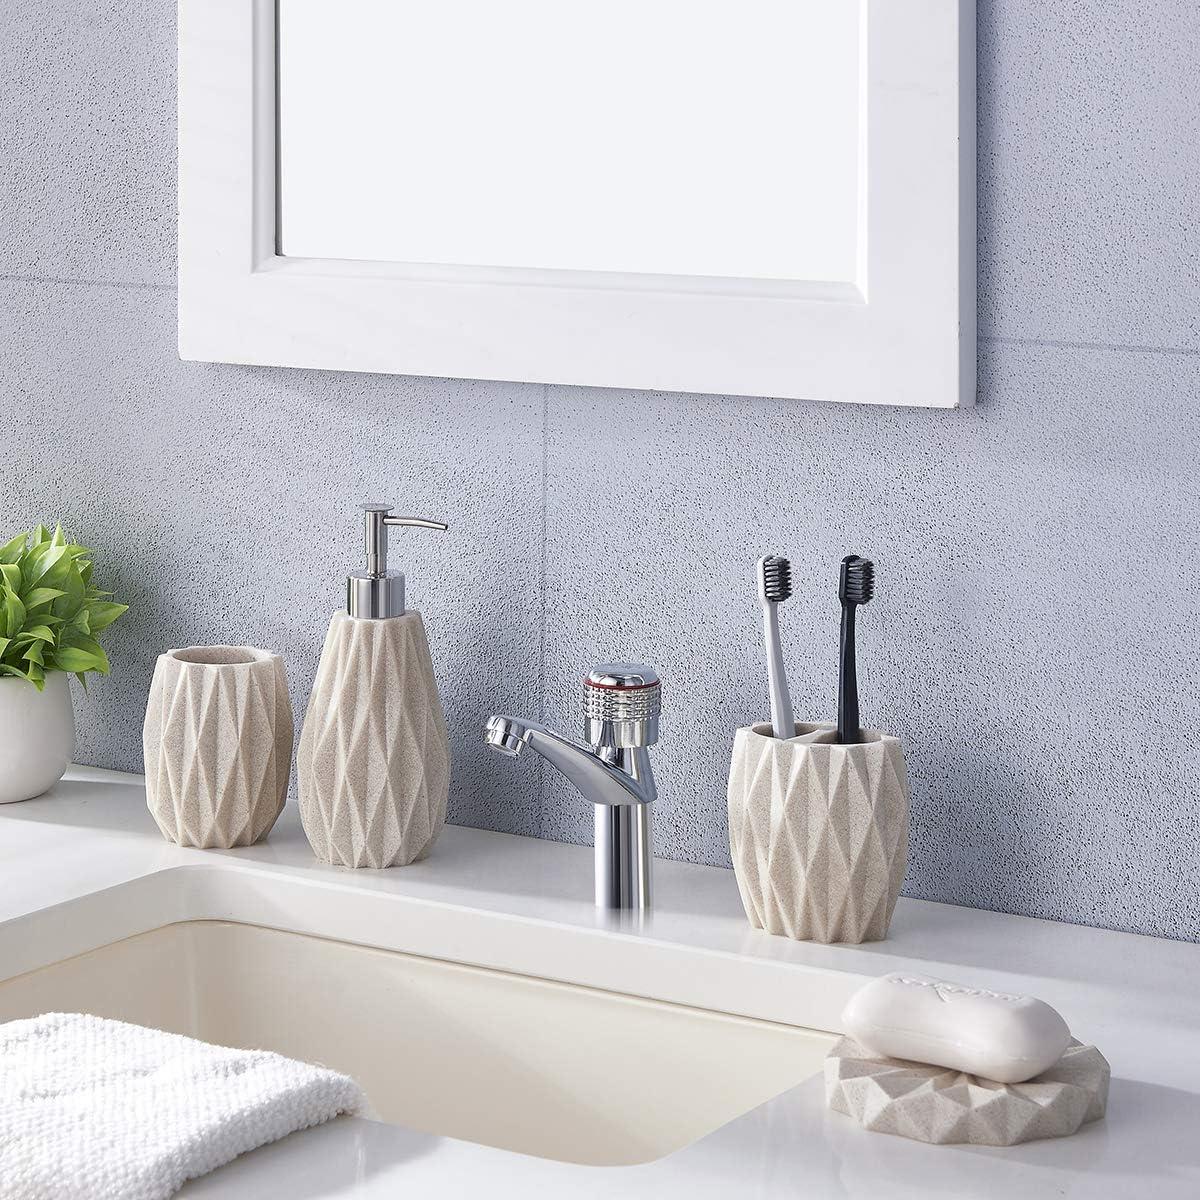 ZCCZ Bathroom Accessories Set Complete Soap Dispenser 11 Piece